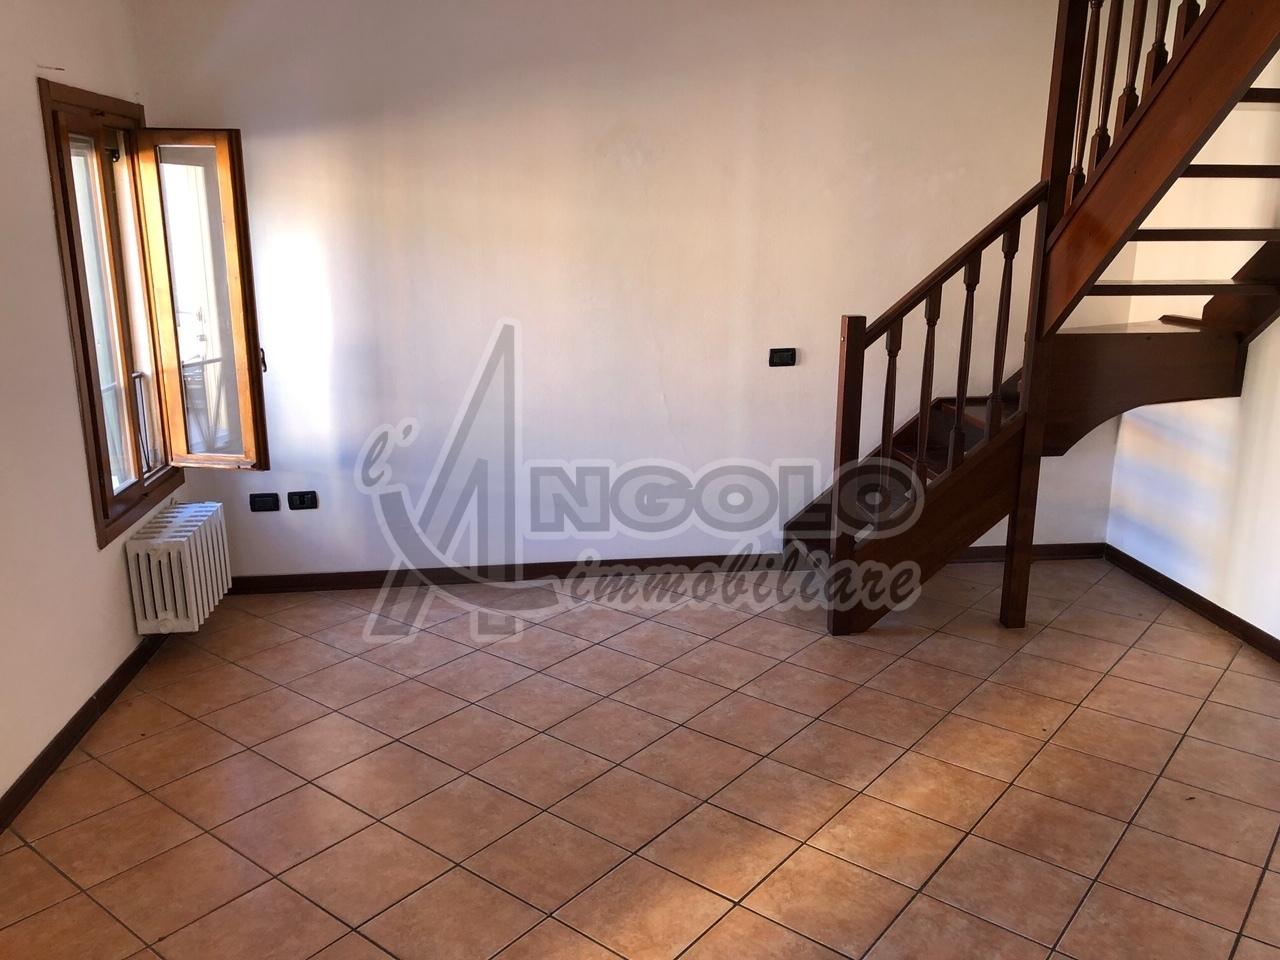 Appartamento in affitto a Fiesso Umbertiano, 4 locali, prezzo € 350 | CambioCasa.it